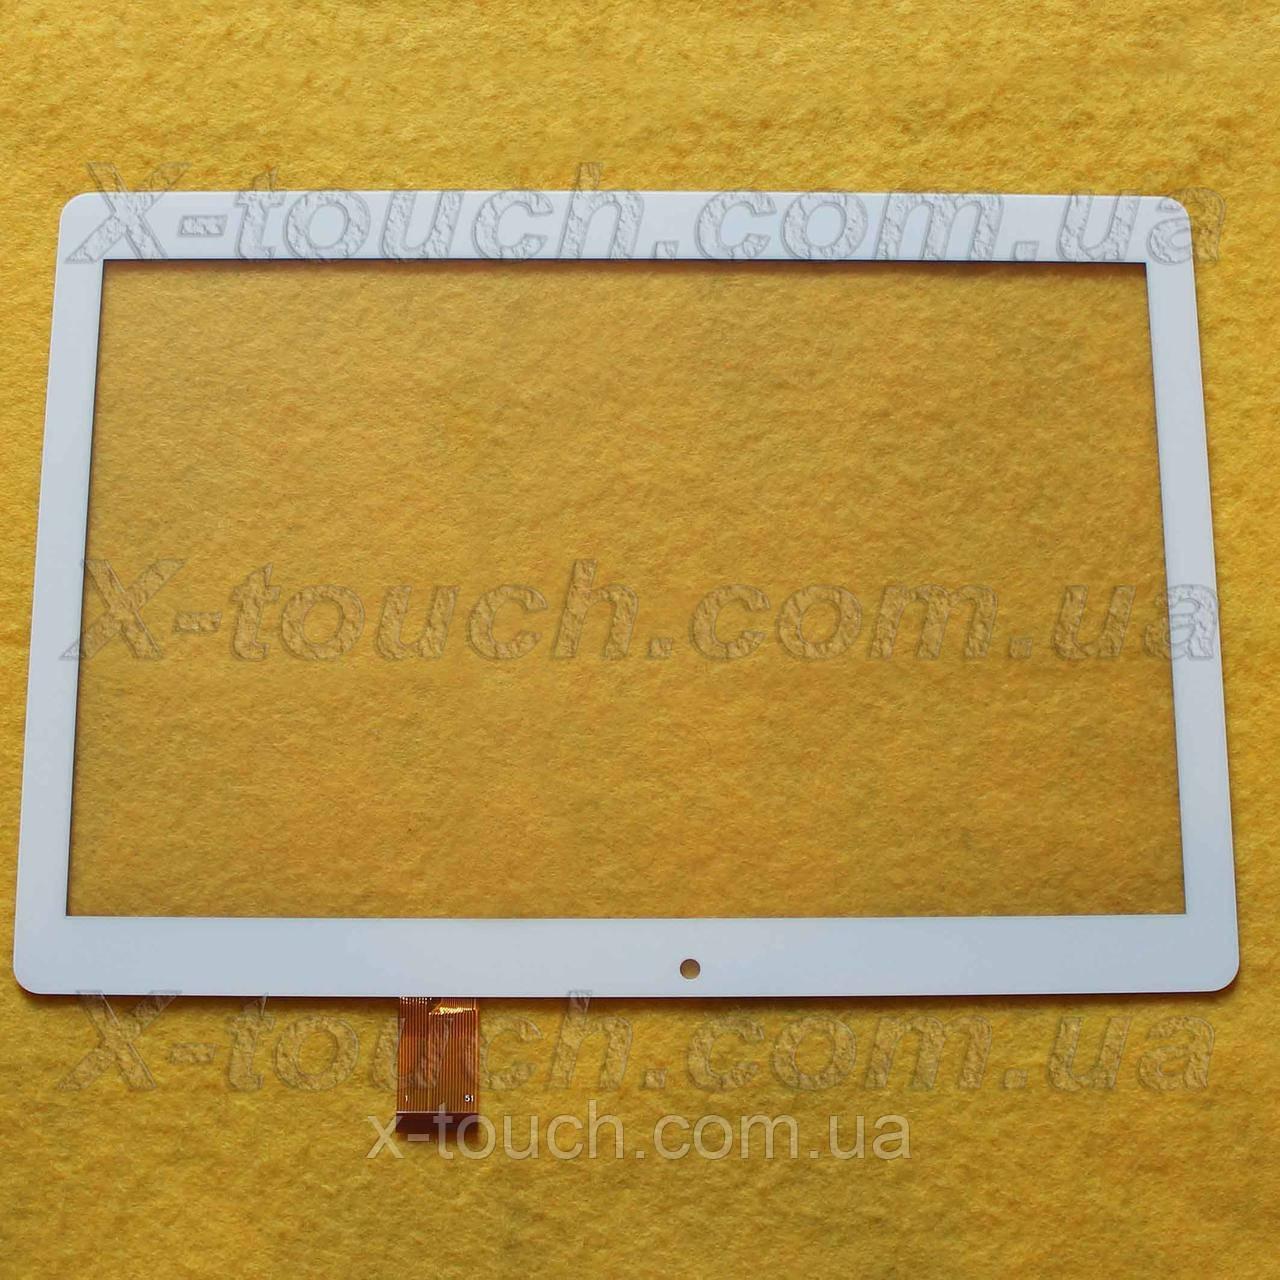 Тачскрин, сенсор kingvina PG1039 для планшета, белого цвета.